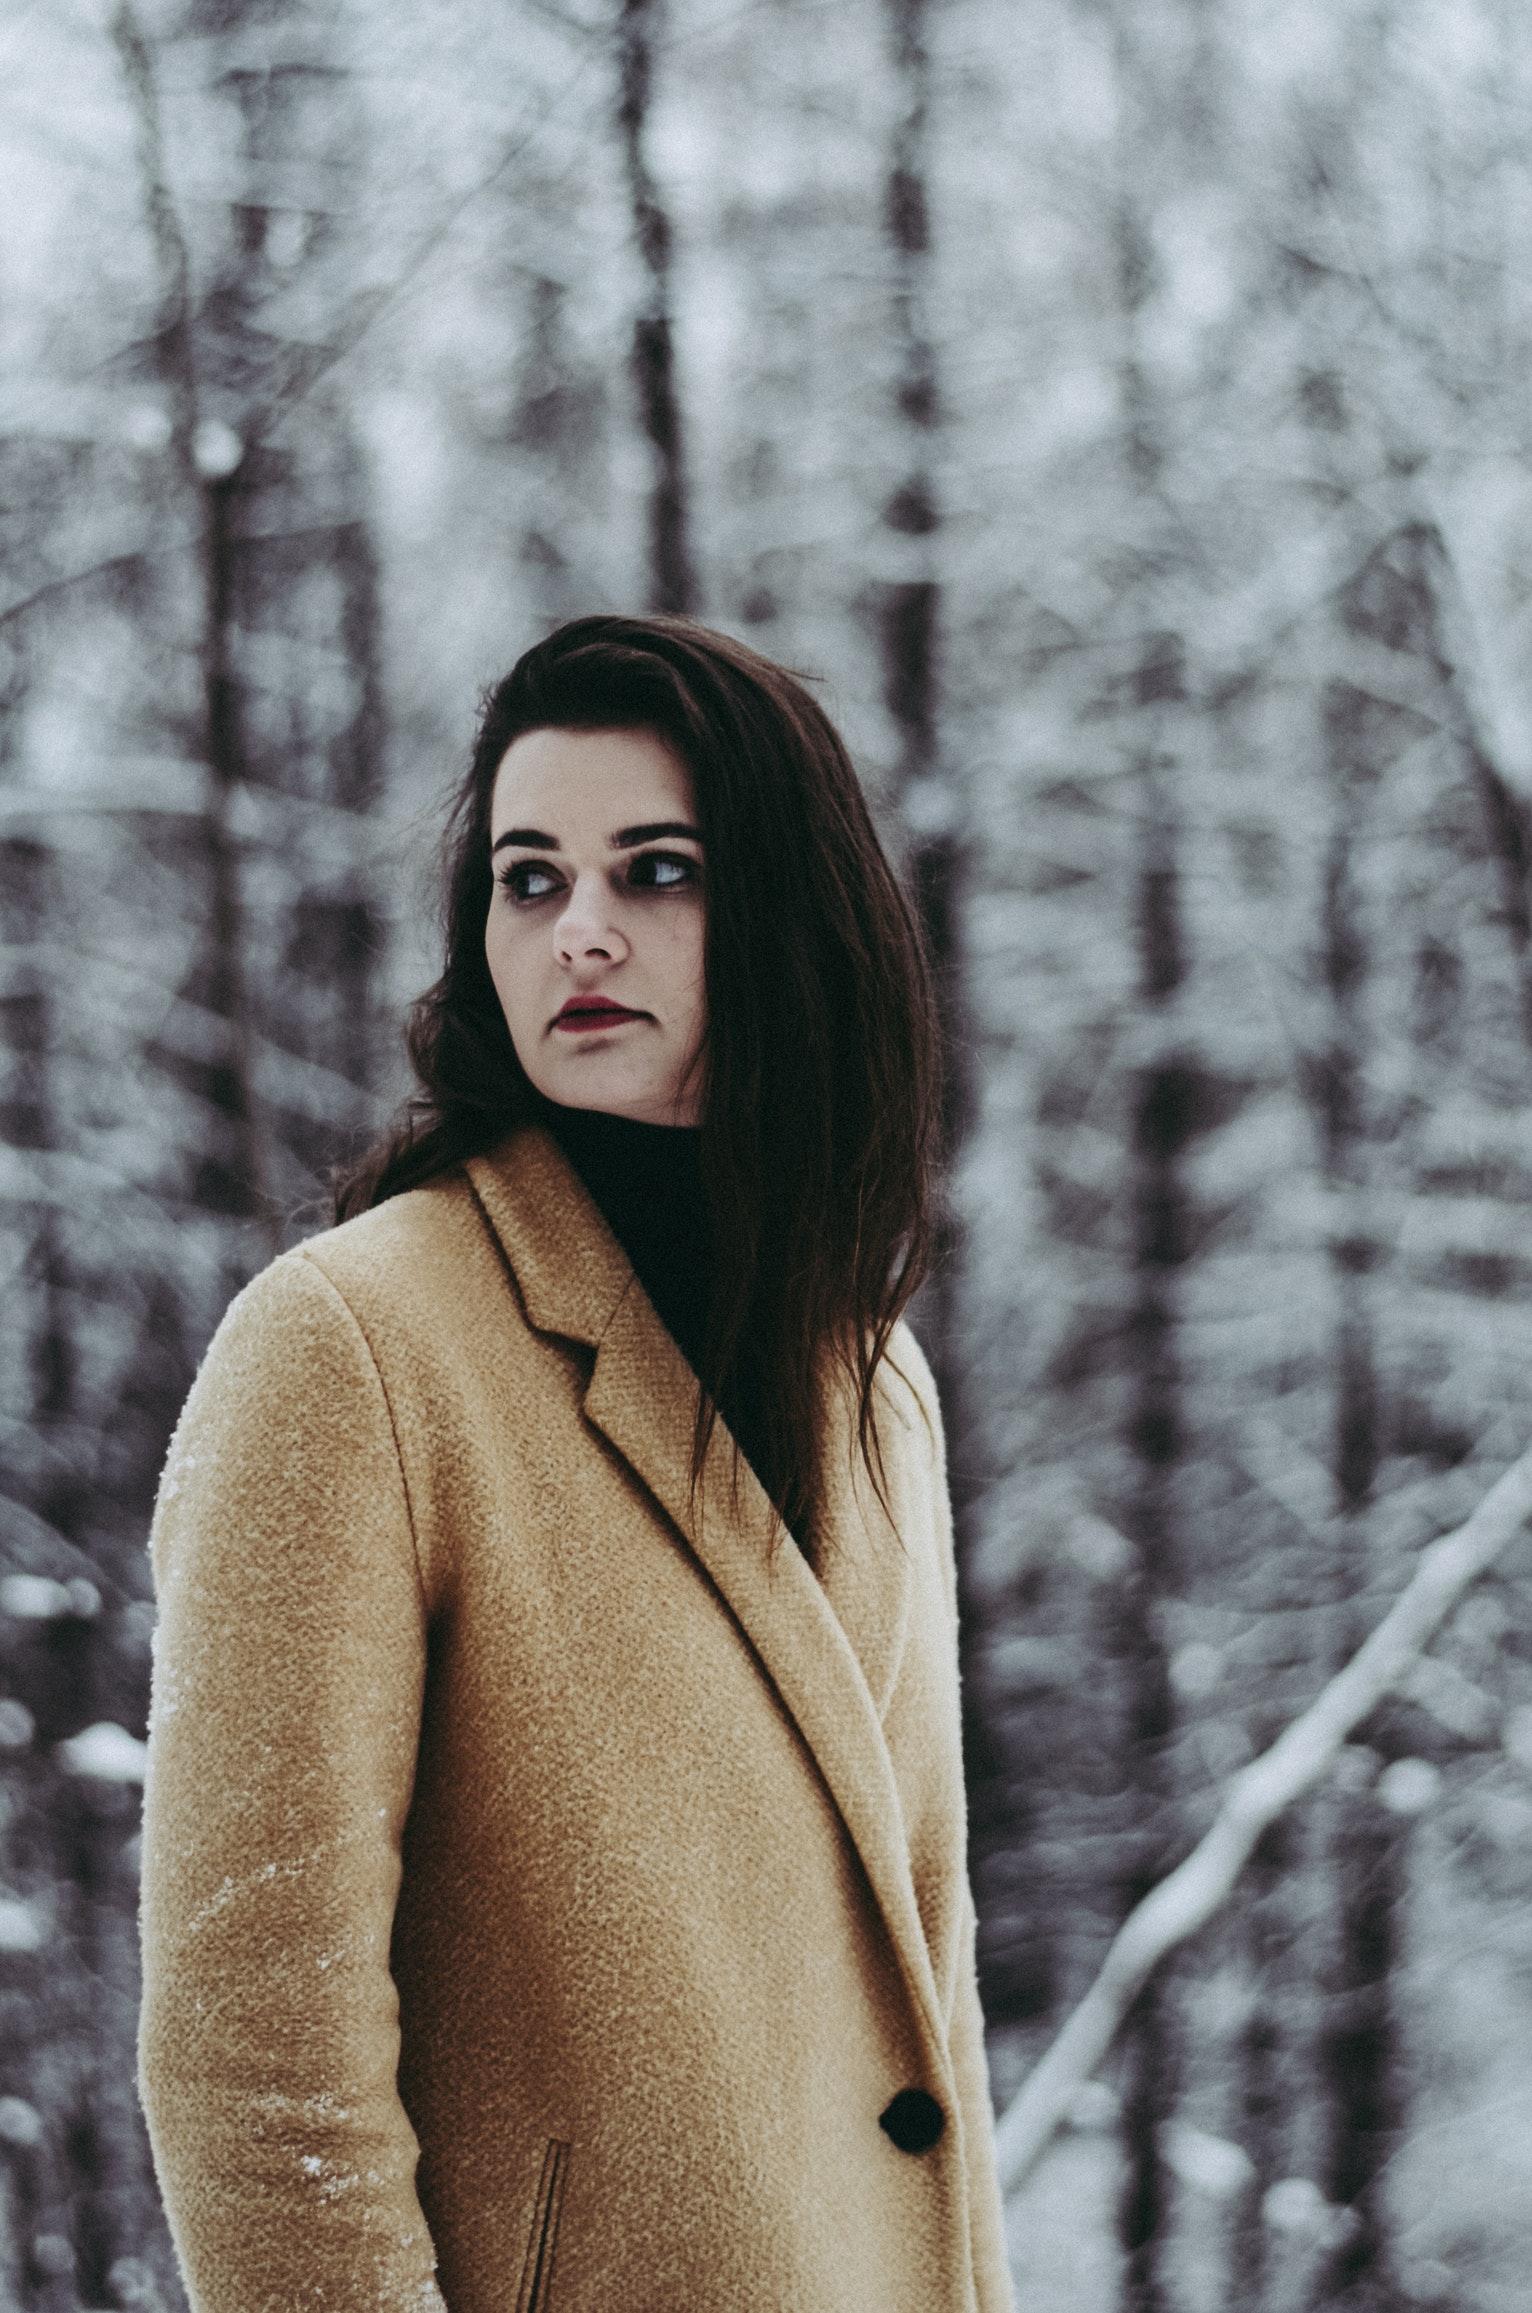 Zena u zimskom kaputu